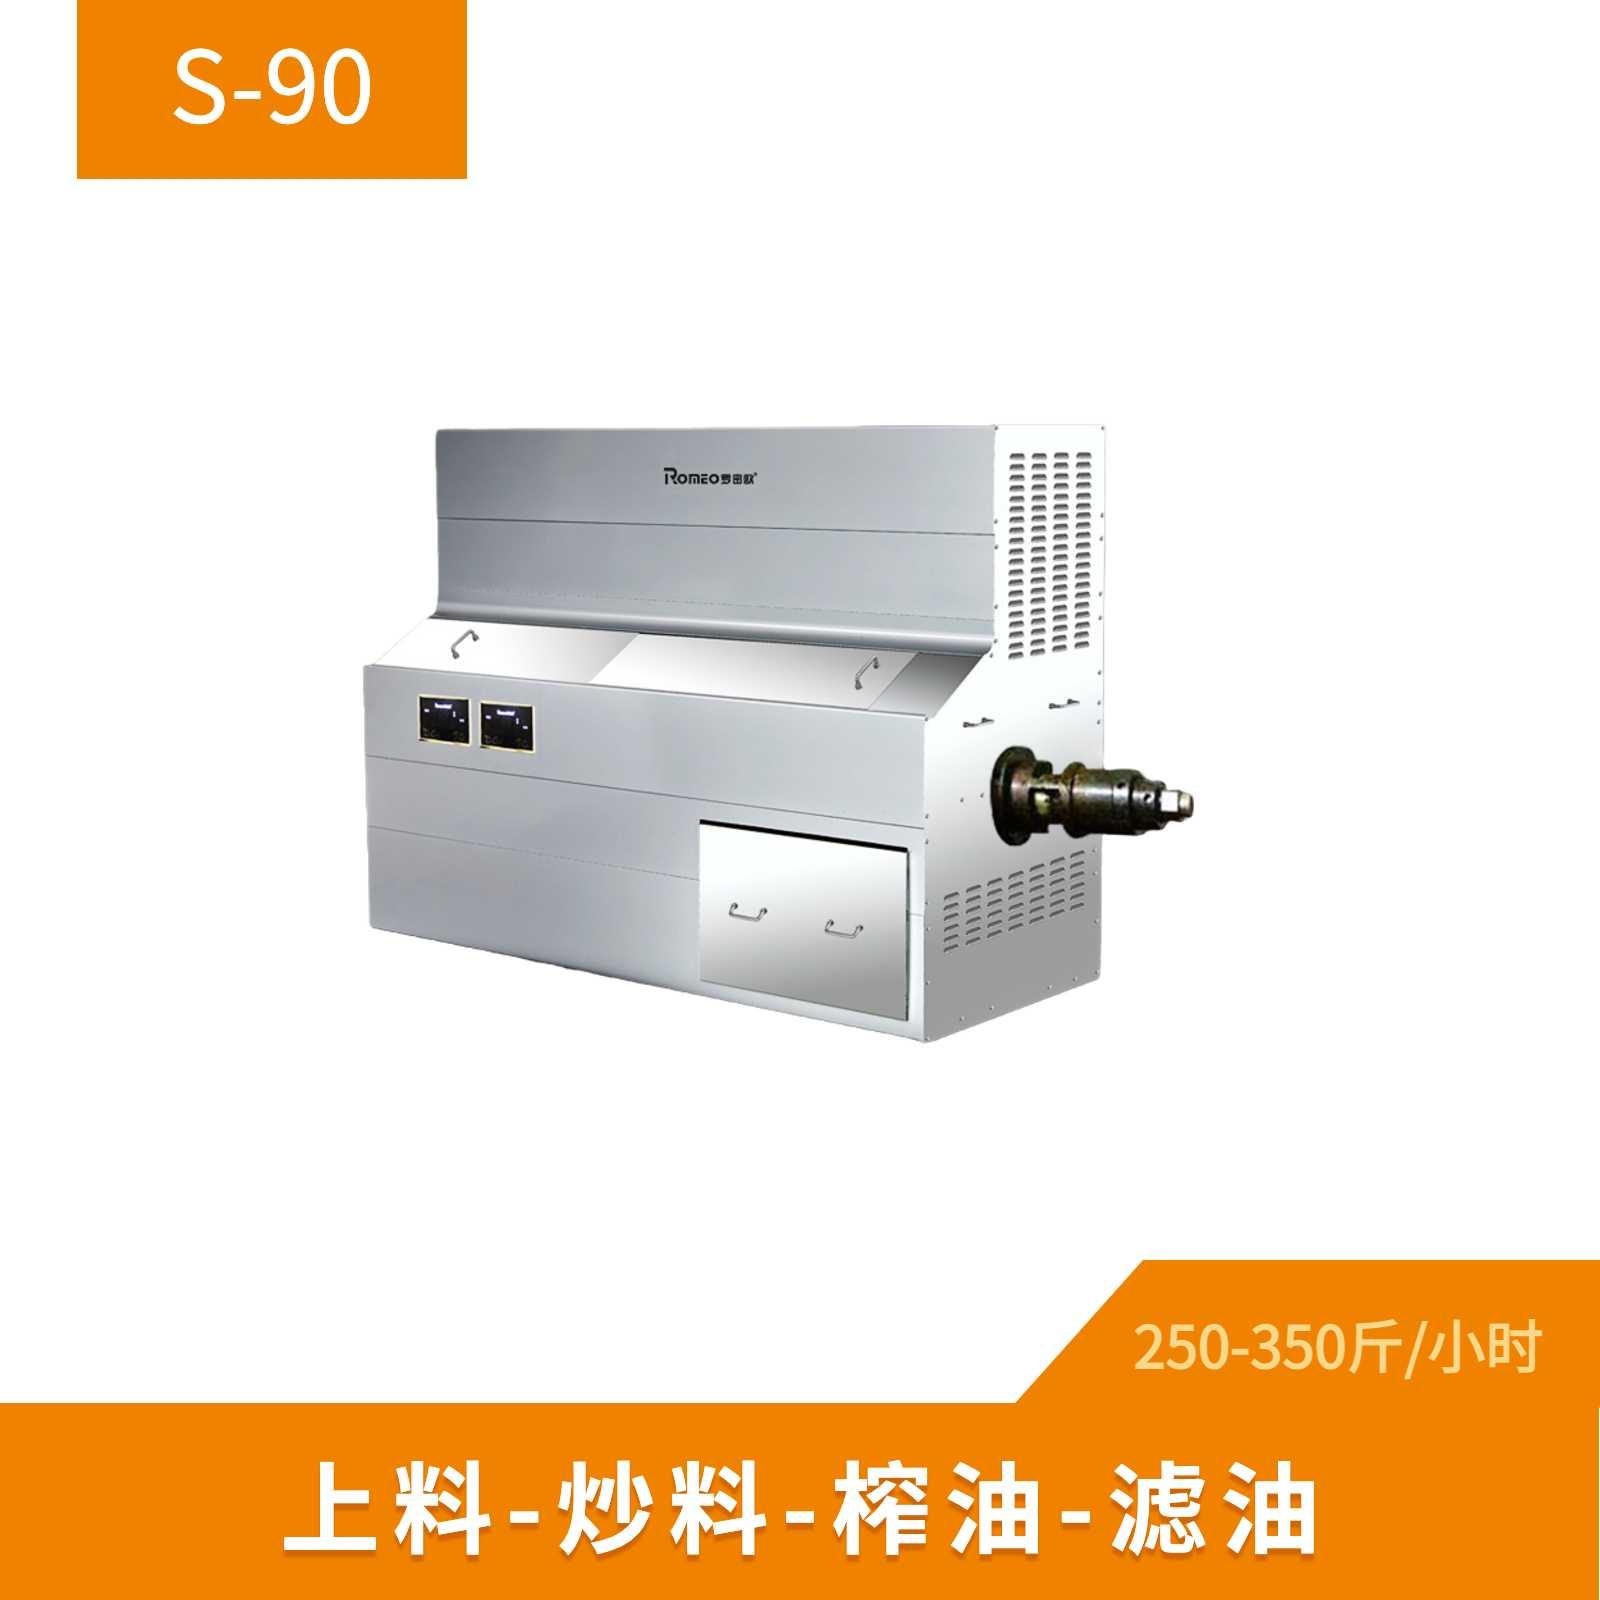 电磁炒料榨油机 D-90